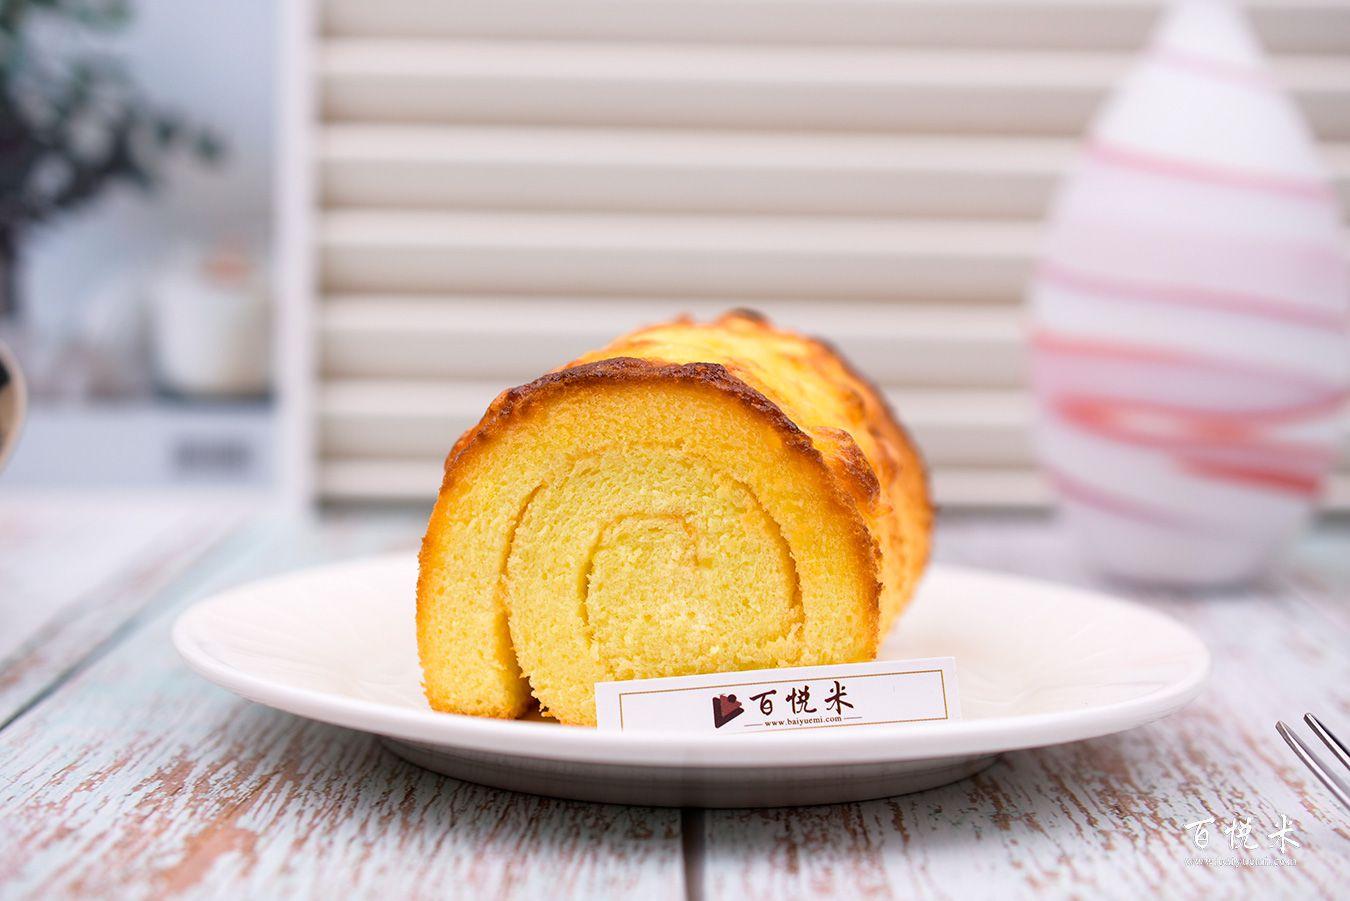 恩格蛋糕卷高清图片大全【蛋糕图片】_581